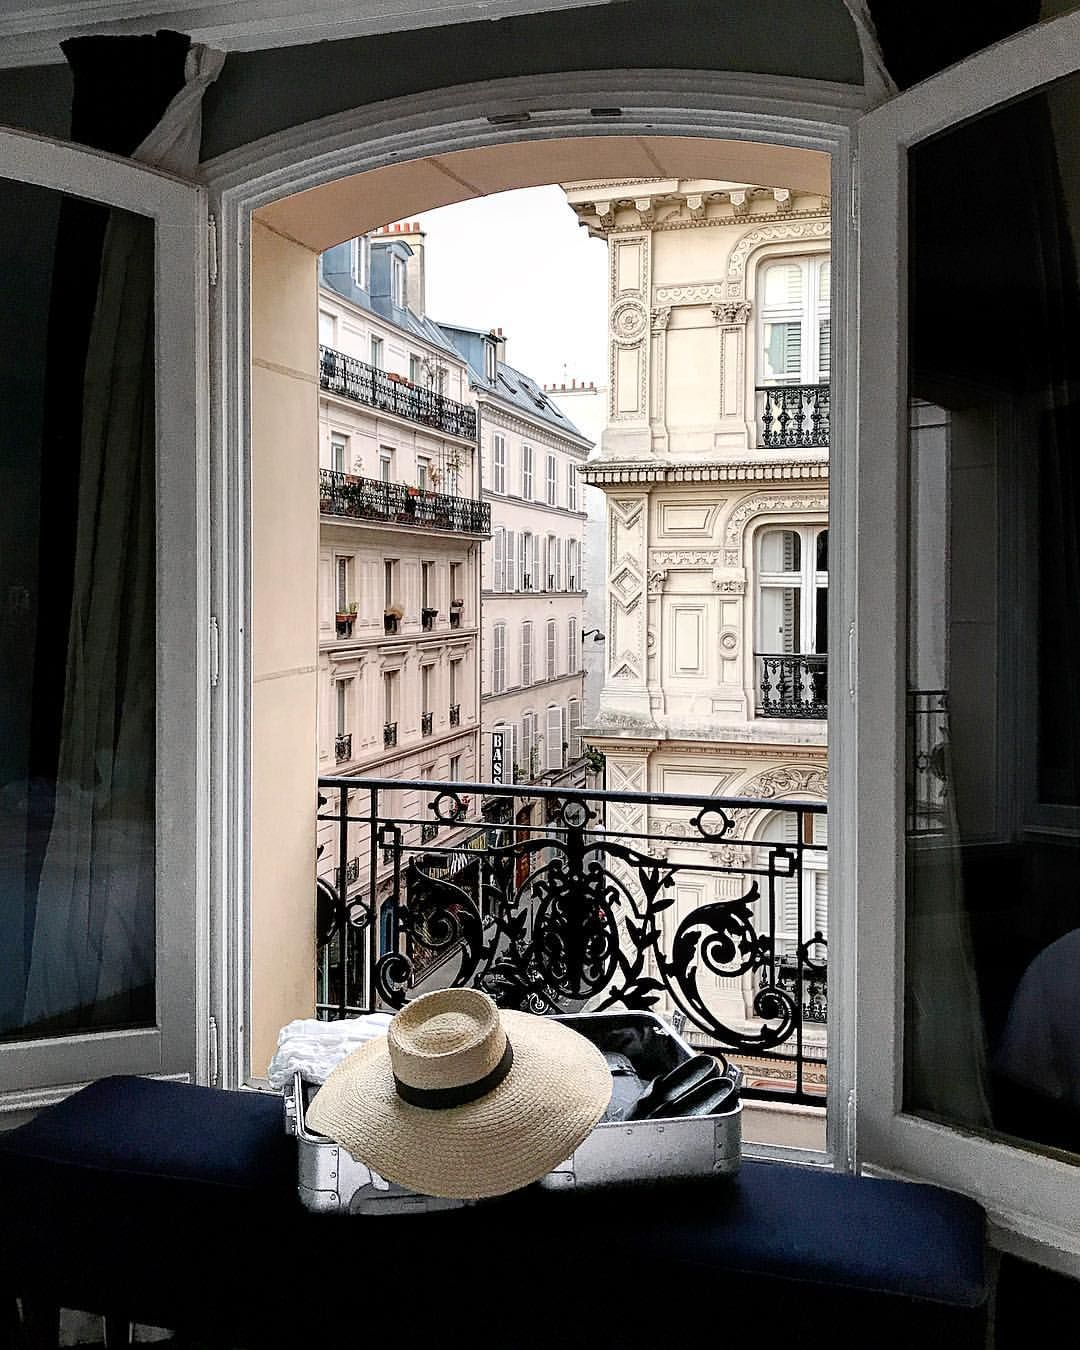 Hotel Villa La Parisienne Parigi can i just be parisienne now please? 💕 @away #travelaway